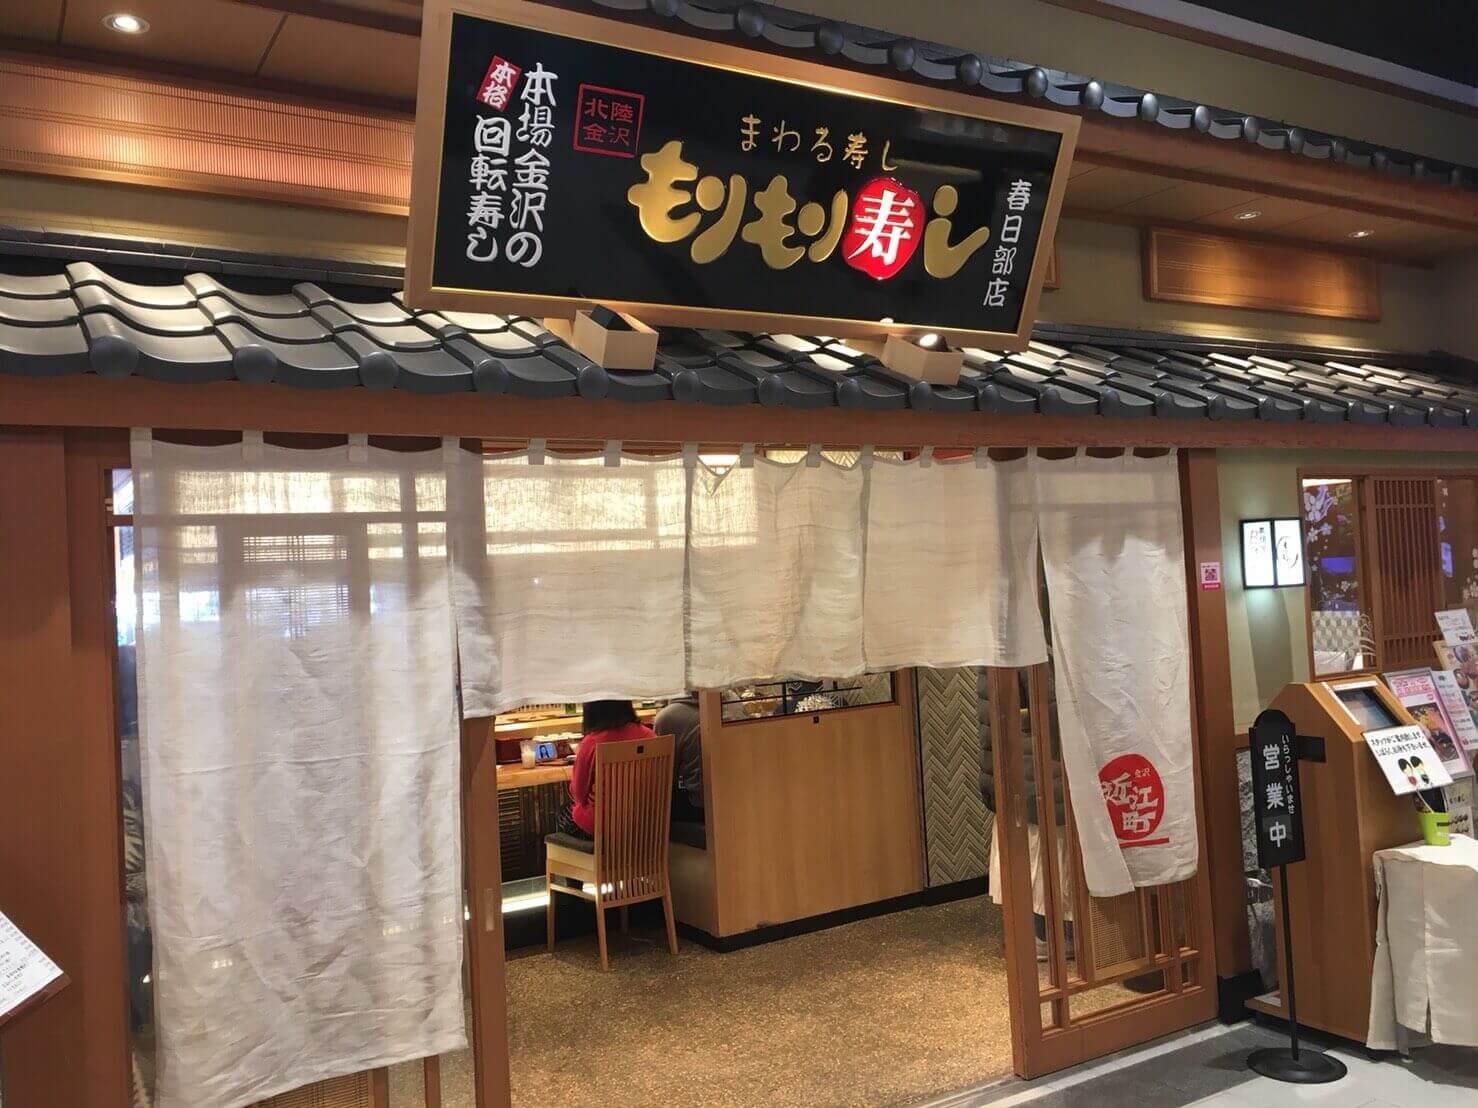 「もりもり寿司:イオンモール春日部店」満足度高いです^^ぜひ行ってみて下さい!